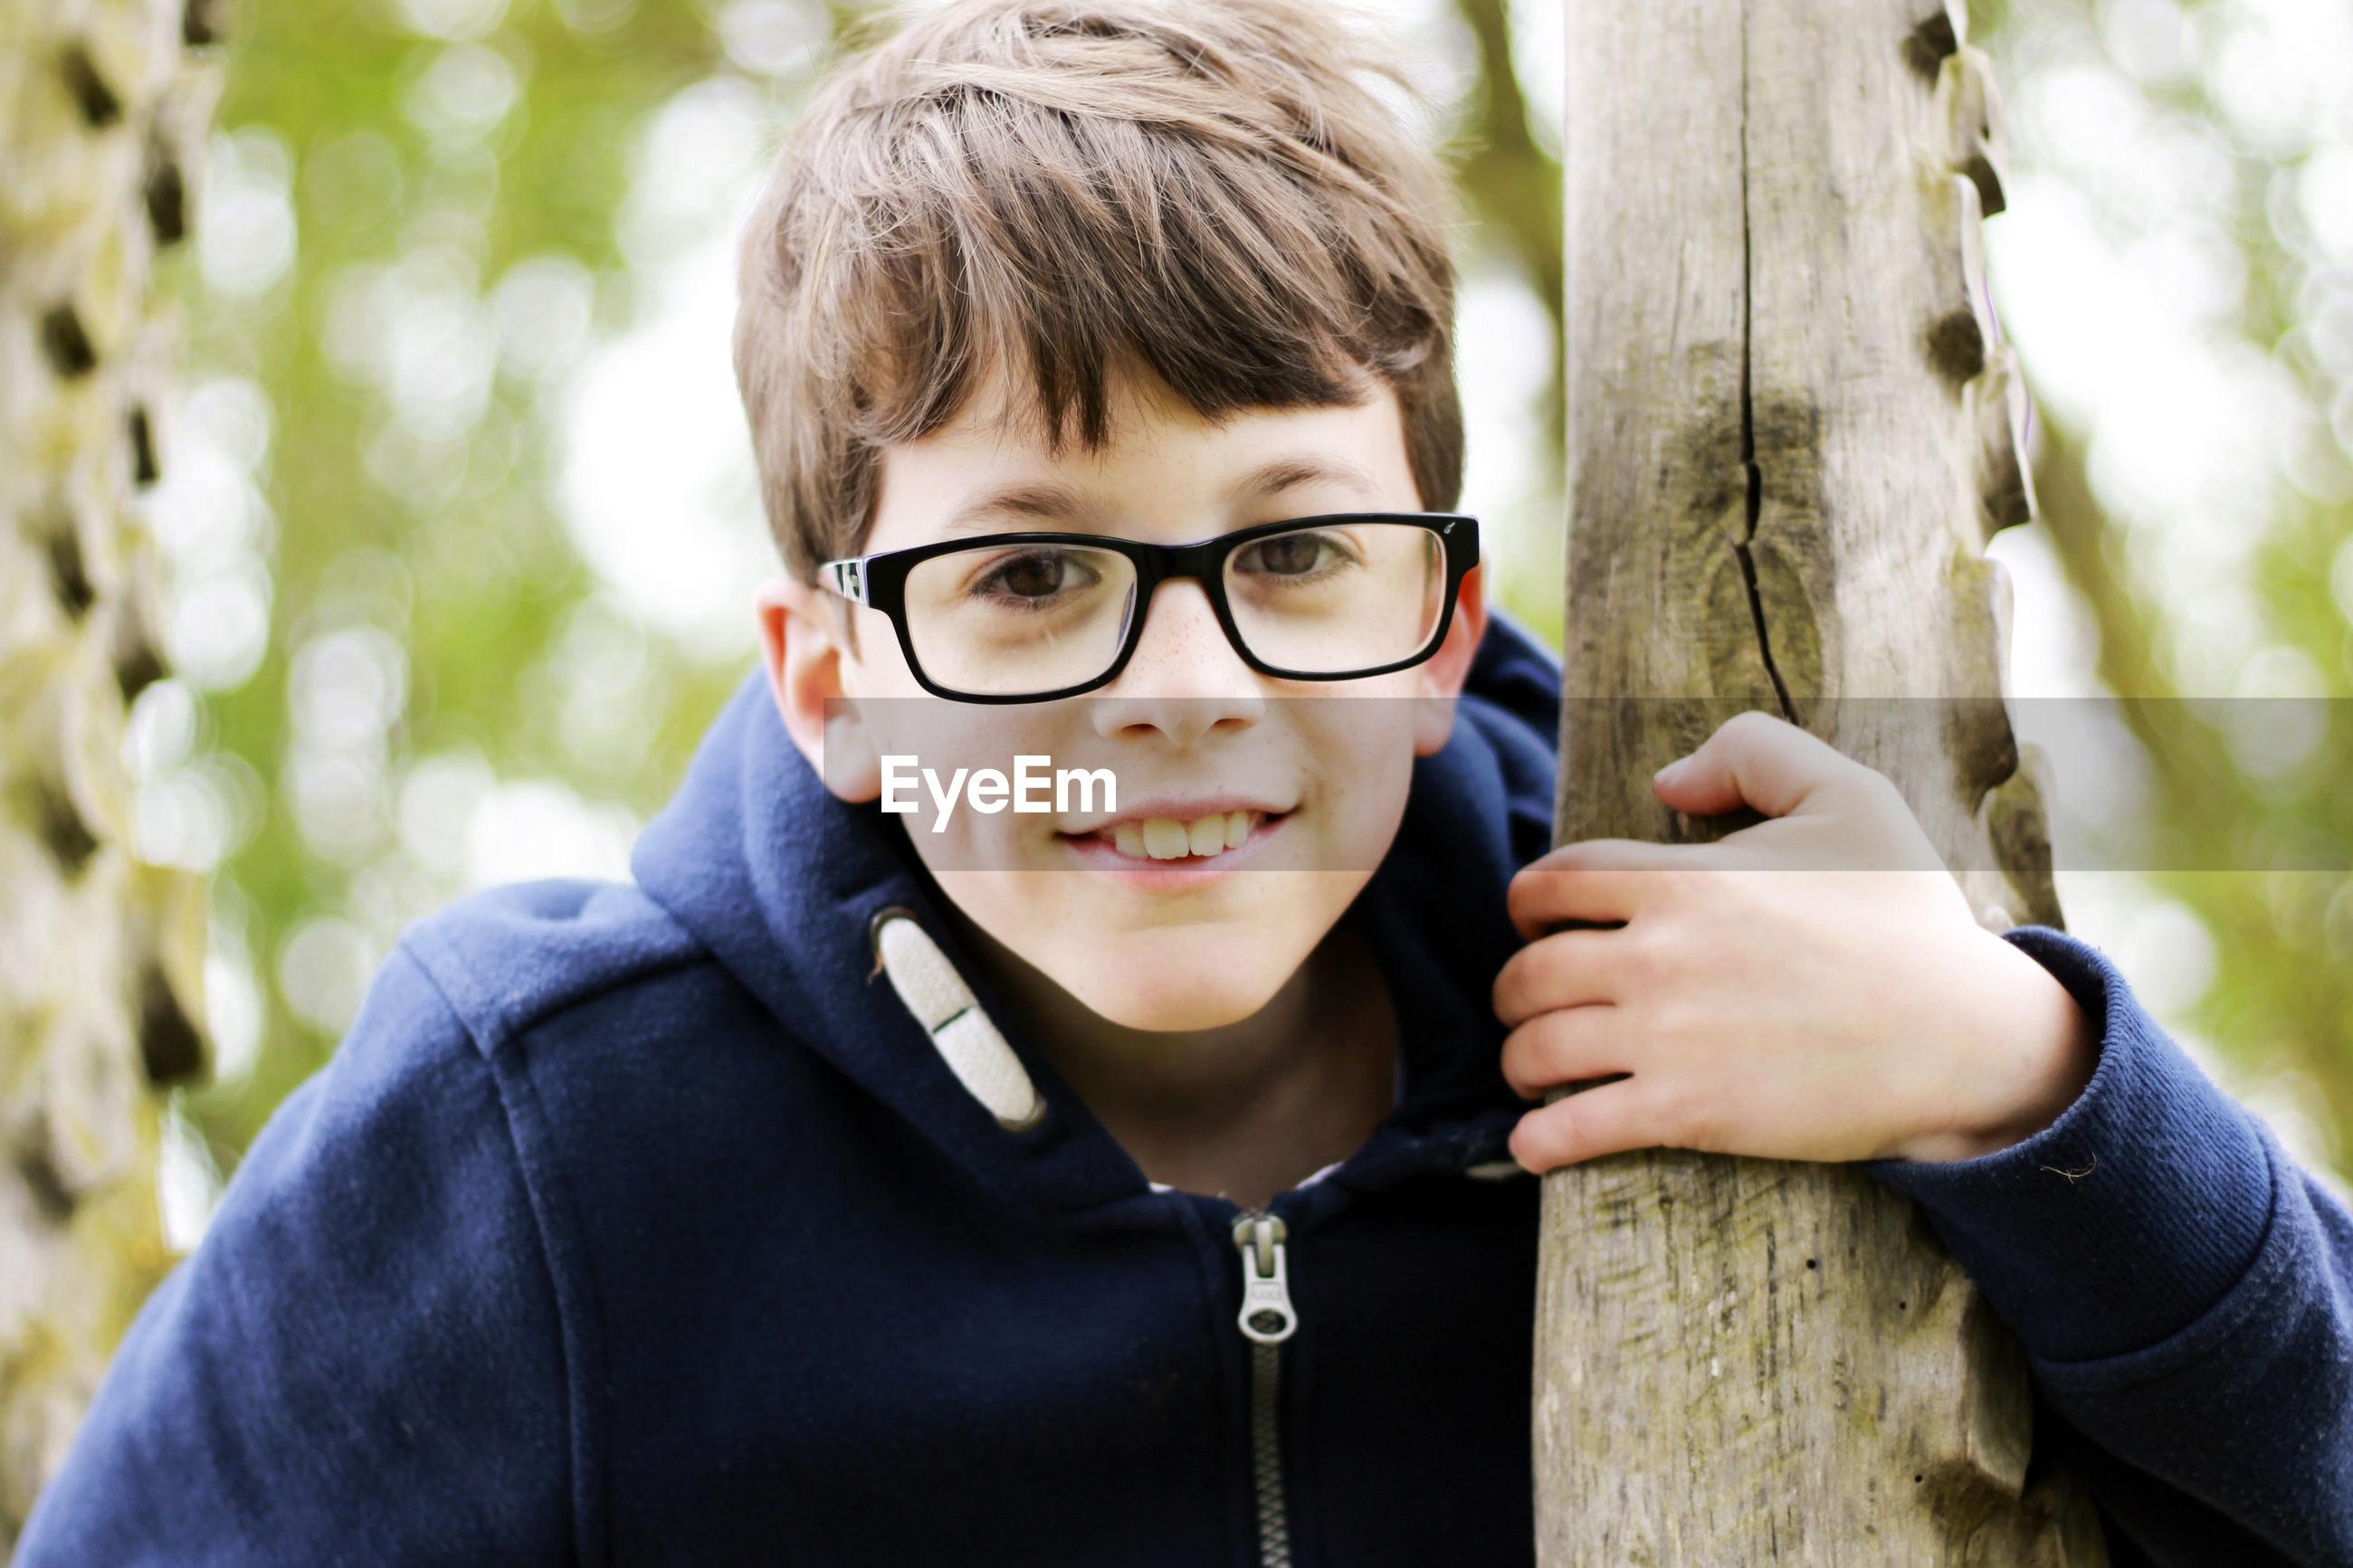 Portrait of boy wearing eyeglasses holding tree trunk